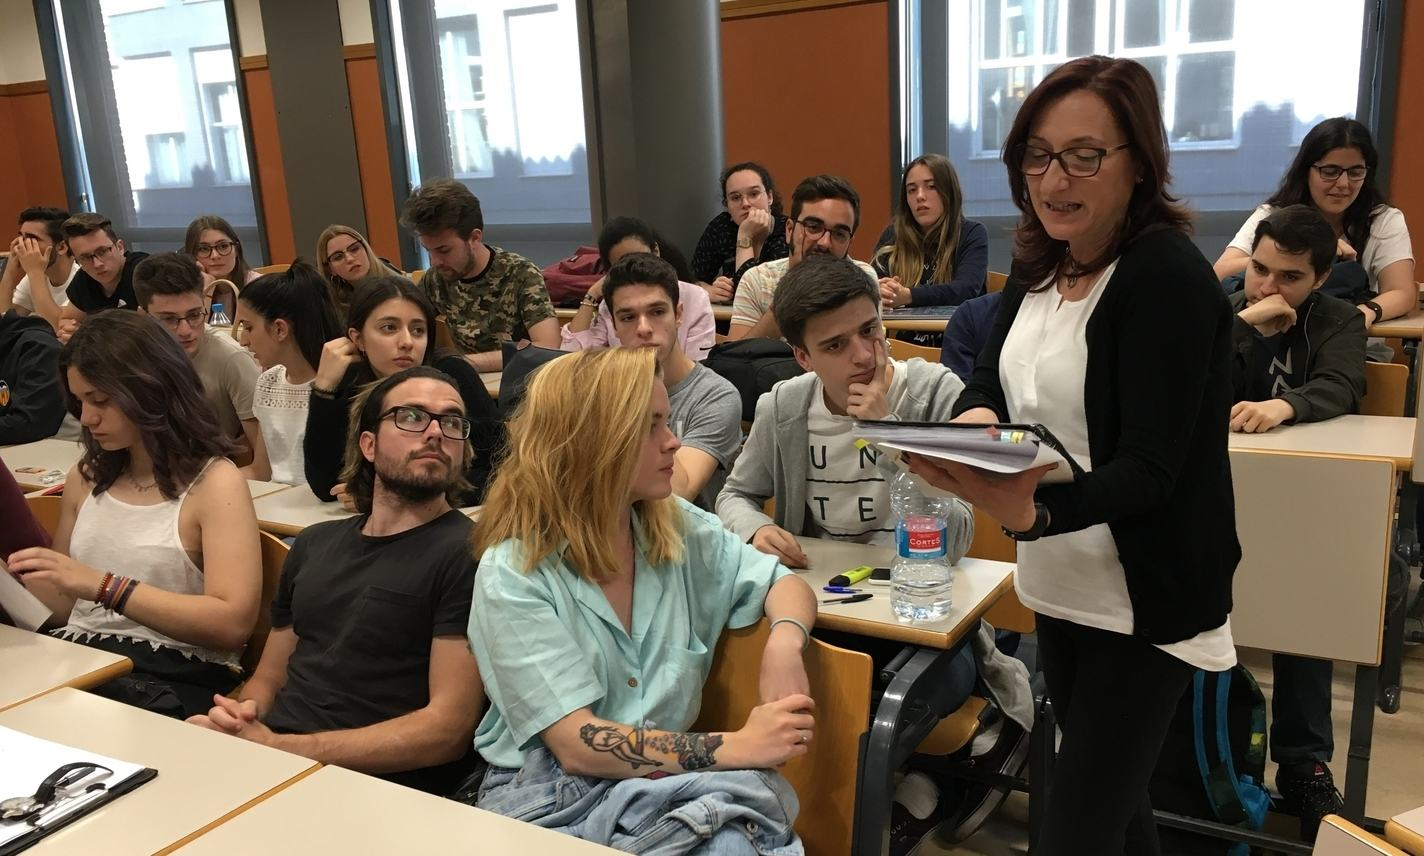 La regidora Olga Utiel muestra a los alumnos de RAE las anotaciones en sus libretos